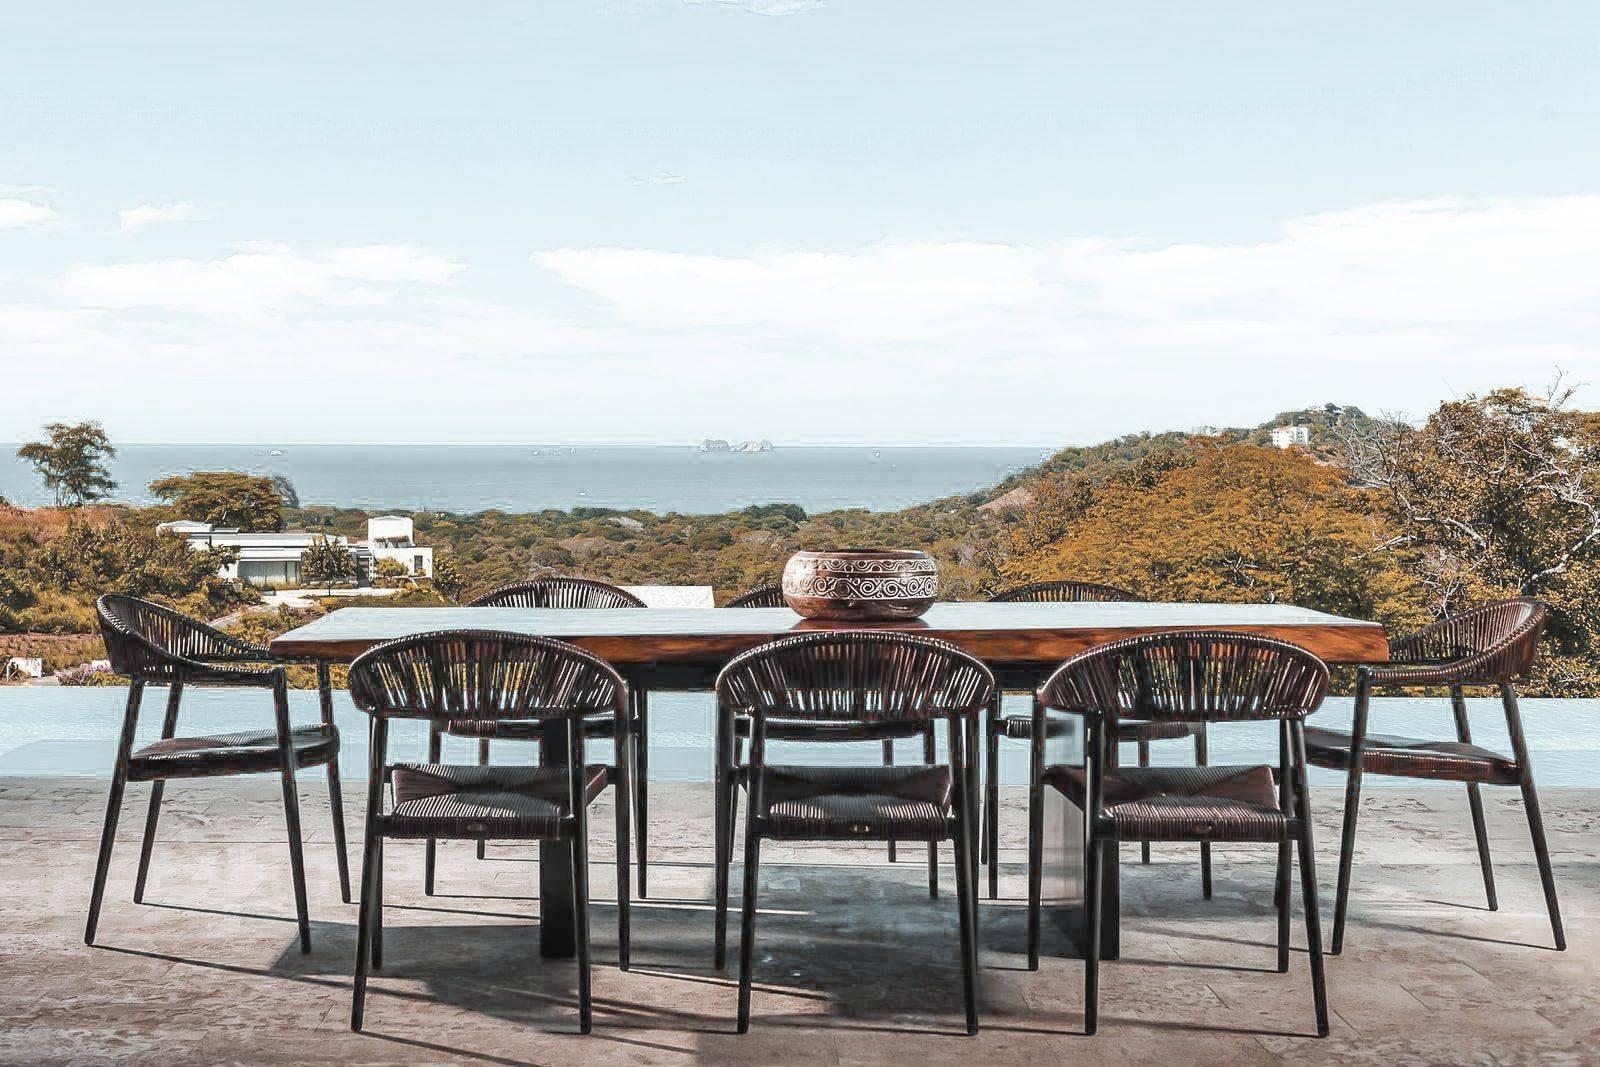 Casa Vistas at Mar Vista vacation rentals in Playa Flamingo